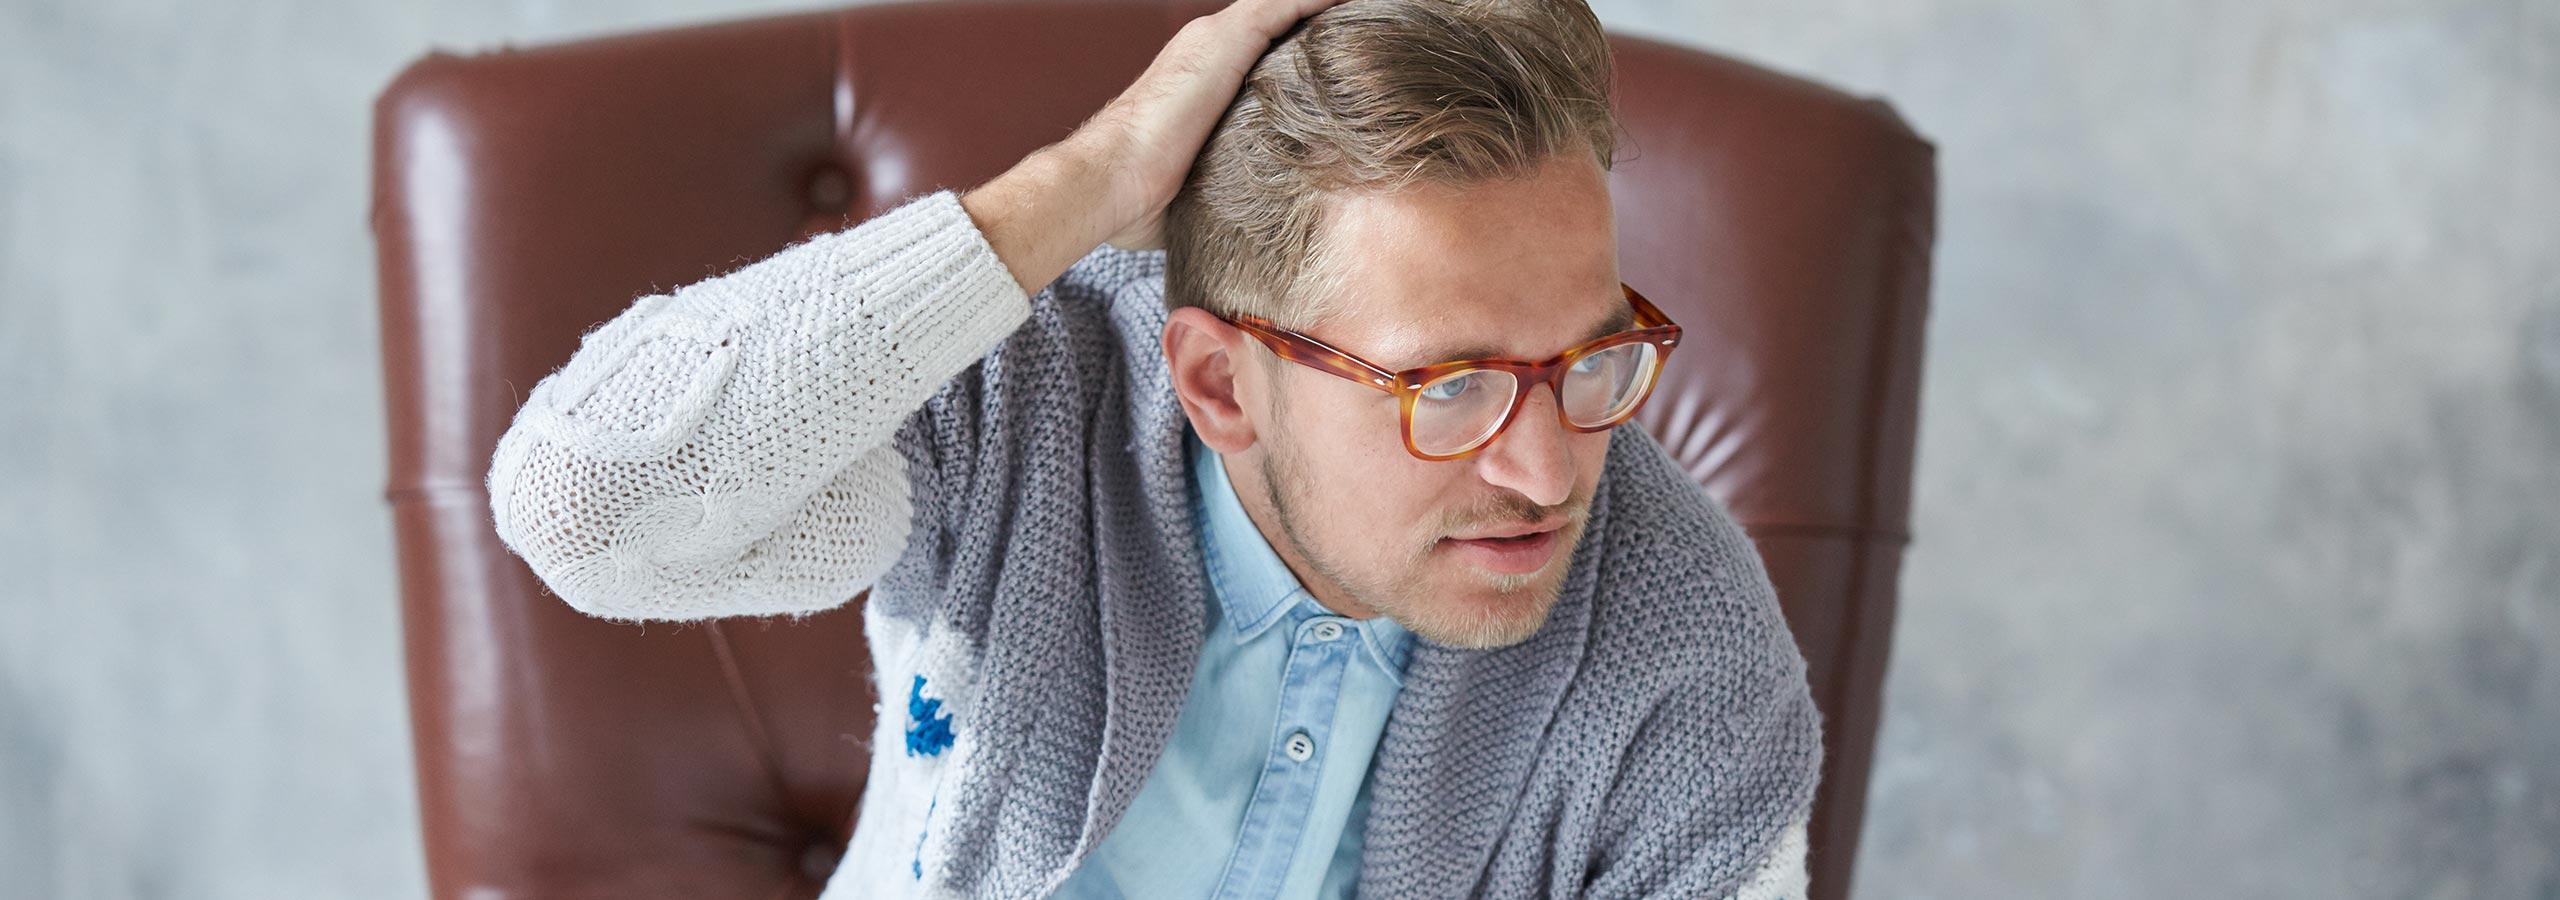 372e0907f59ee6 Bril kopen bij uw brillenspecialist in BERGEN NH